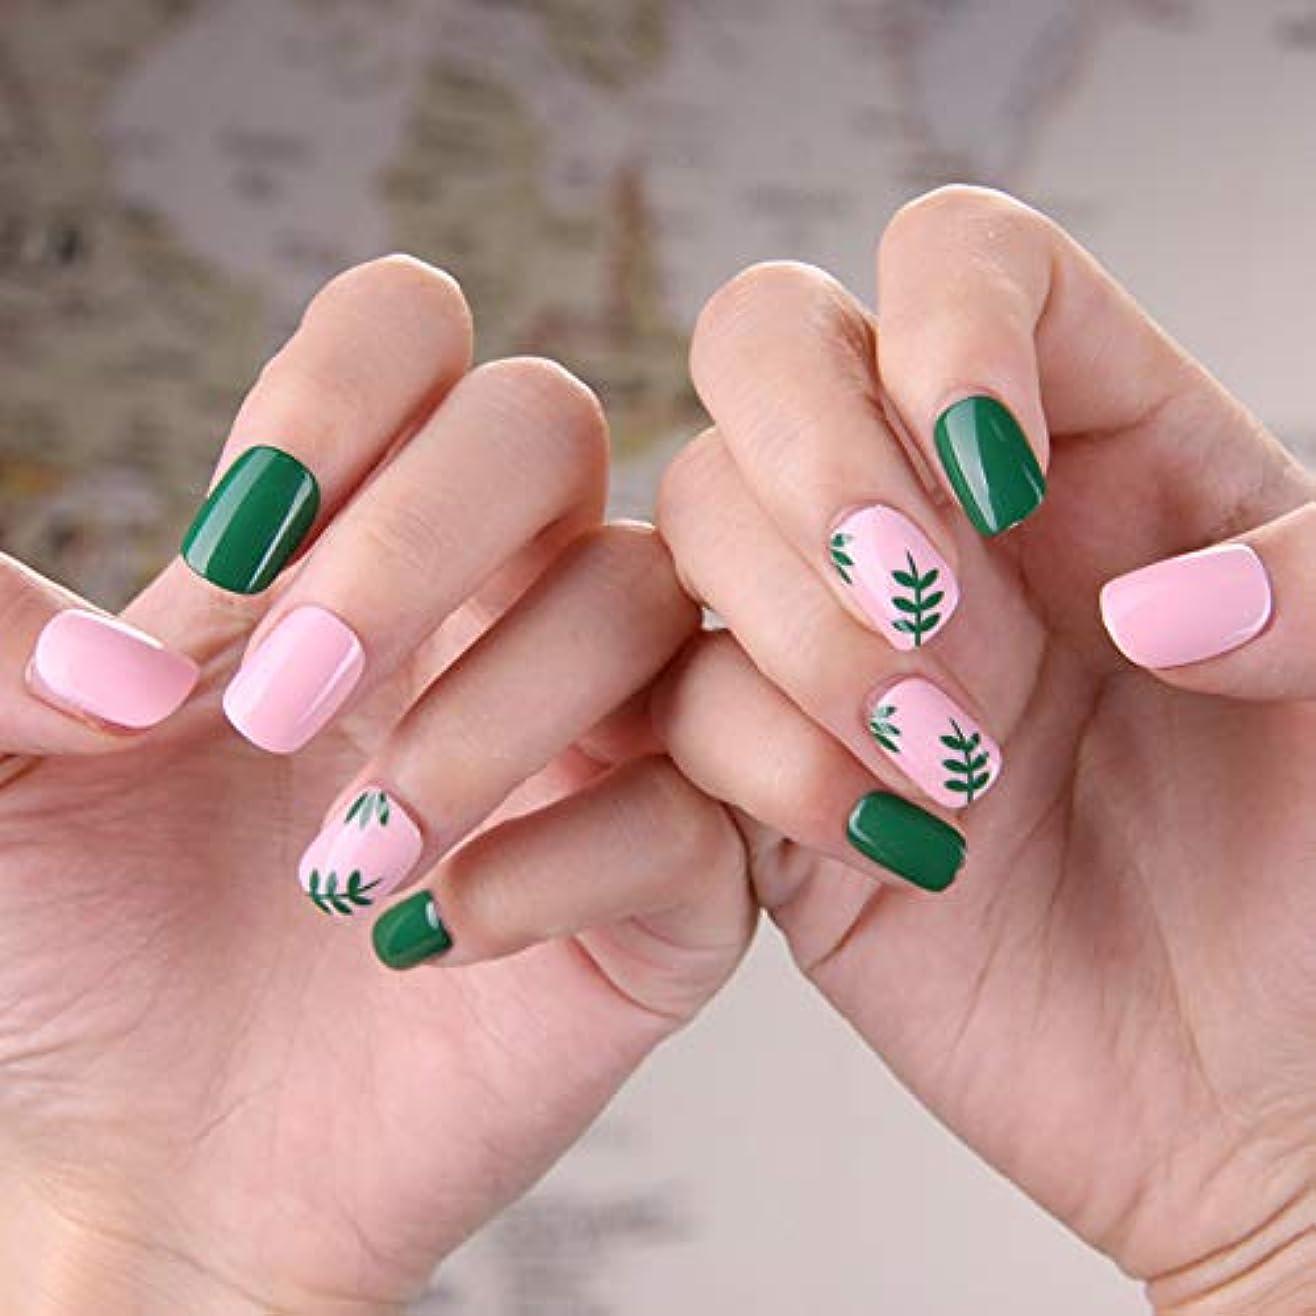 ランプ踊り子可塑性可愛い優雅ネイル 女性気質 手作りネイルチップ 24枚入 簡単に爪を取り除くことができます フレンチネイルチップ 二次会ネイルチップ 結婚式ネイルチップ (粉と緑 グリーン)